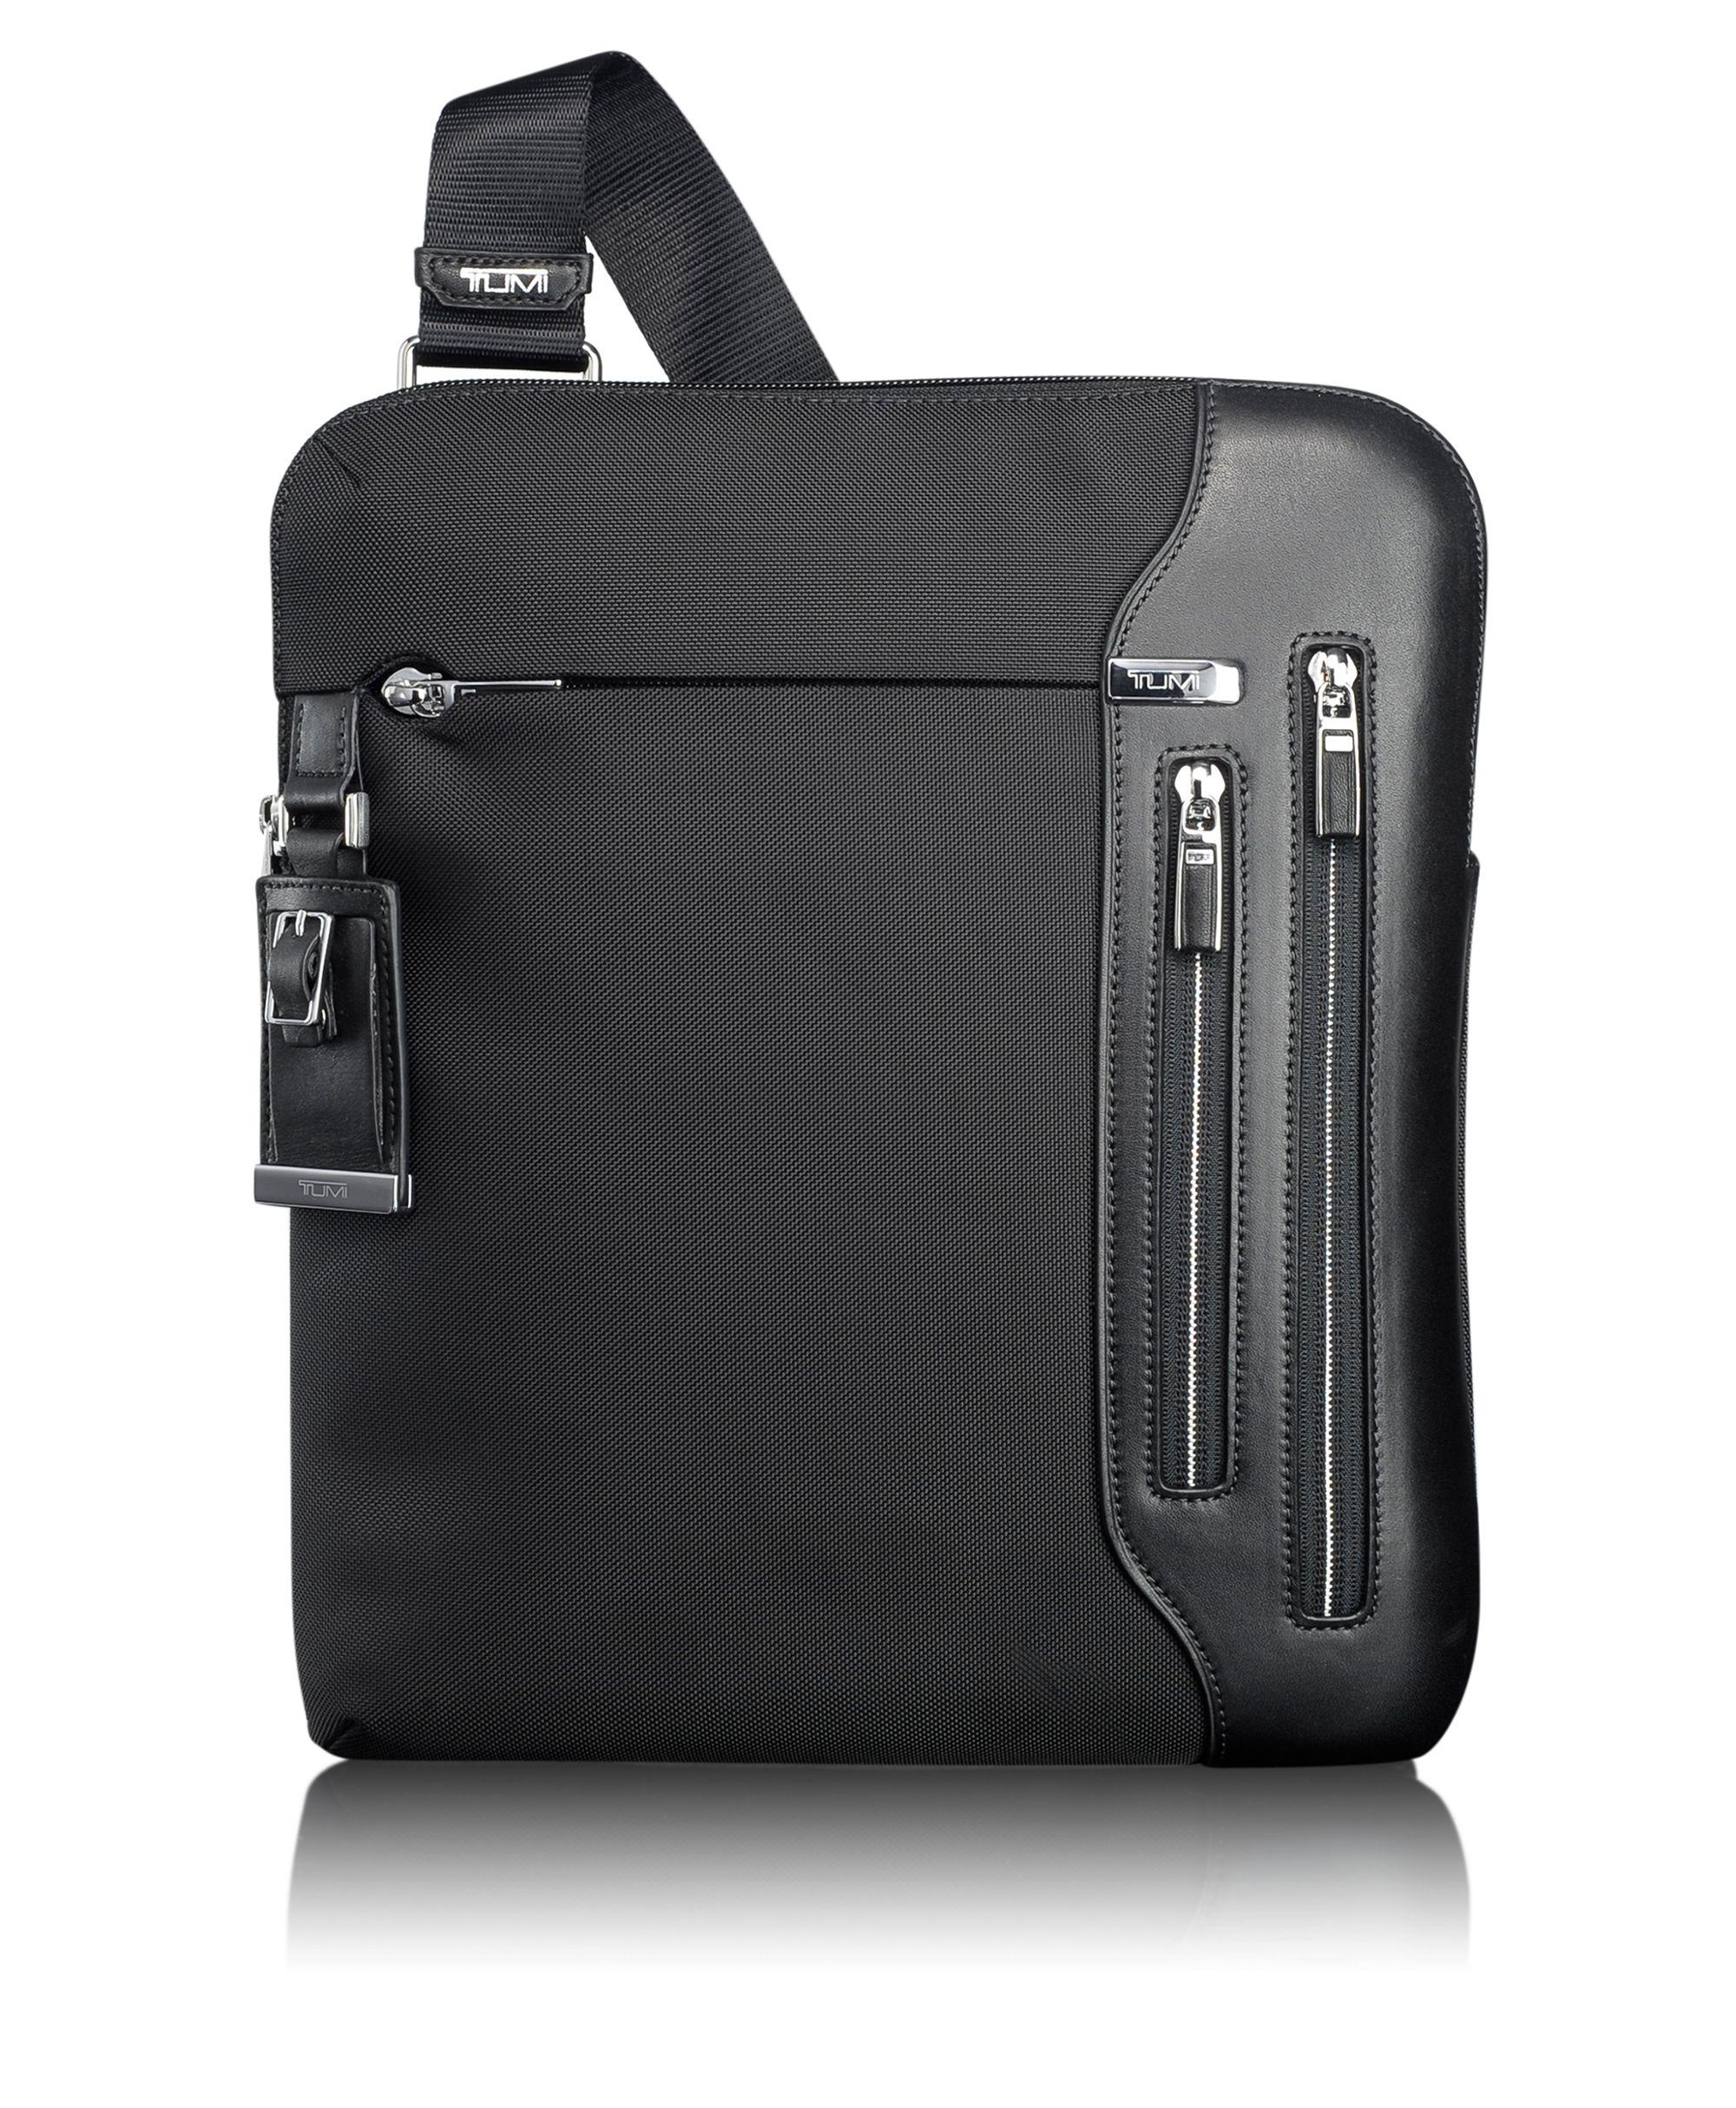 Tumi Travel Shoulder Bag 52